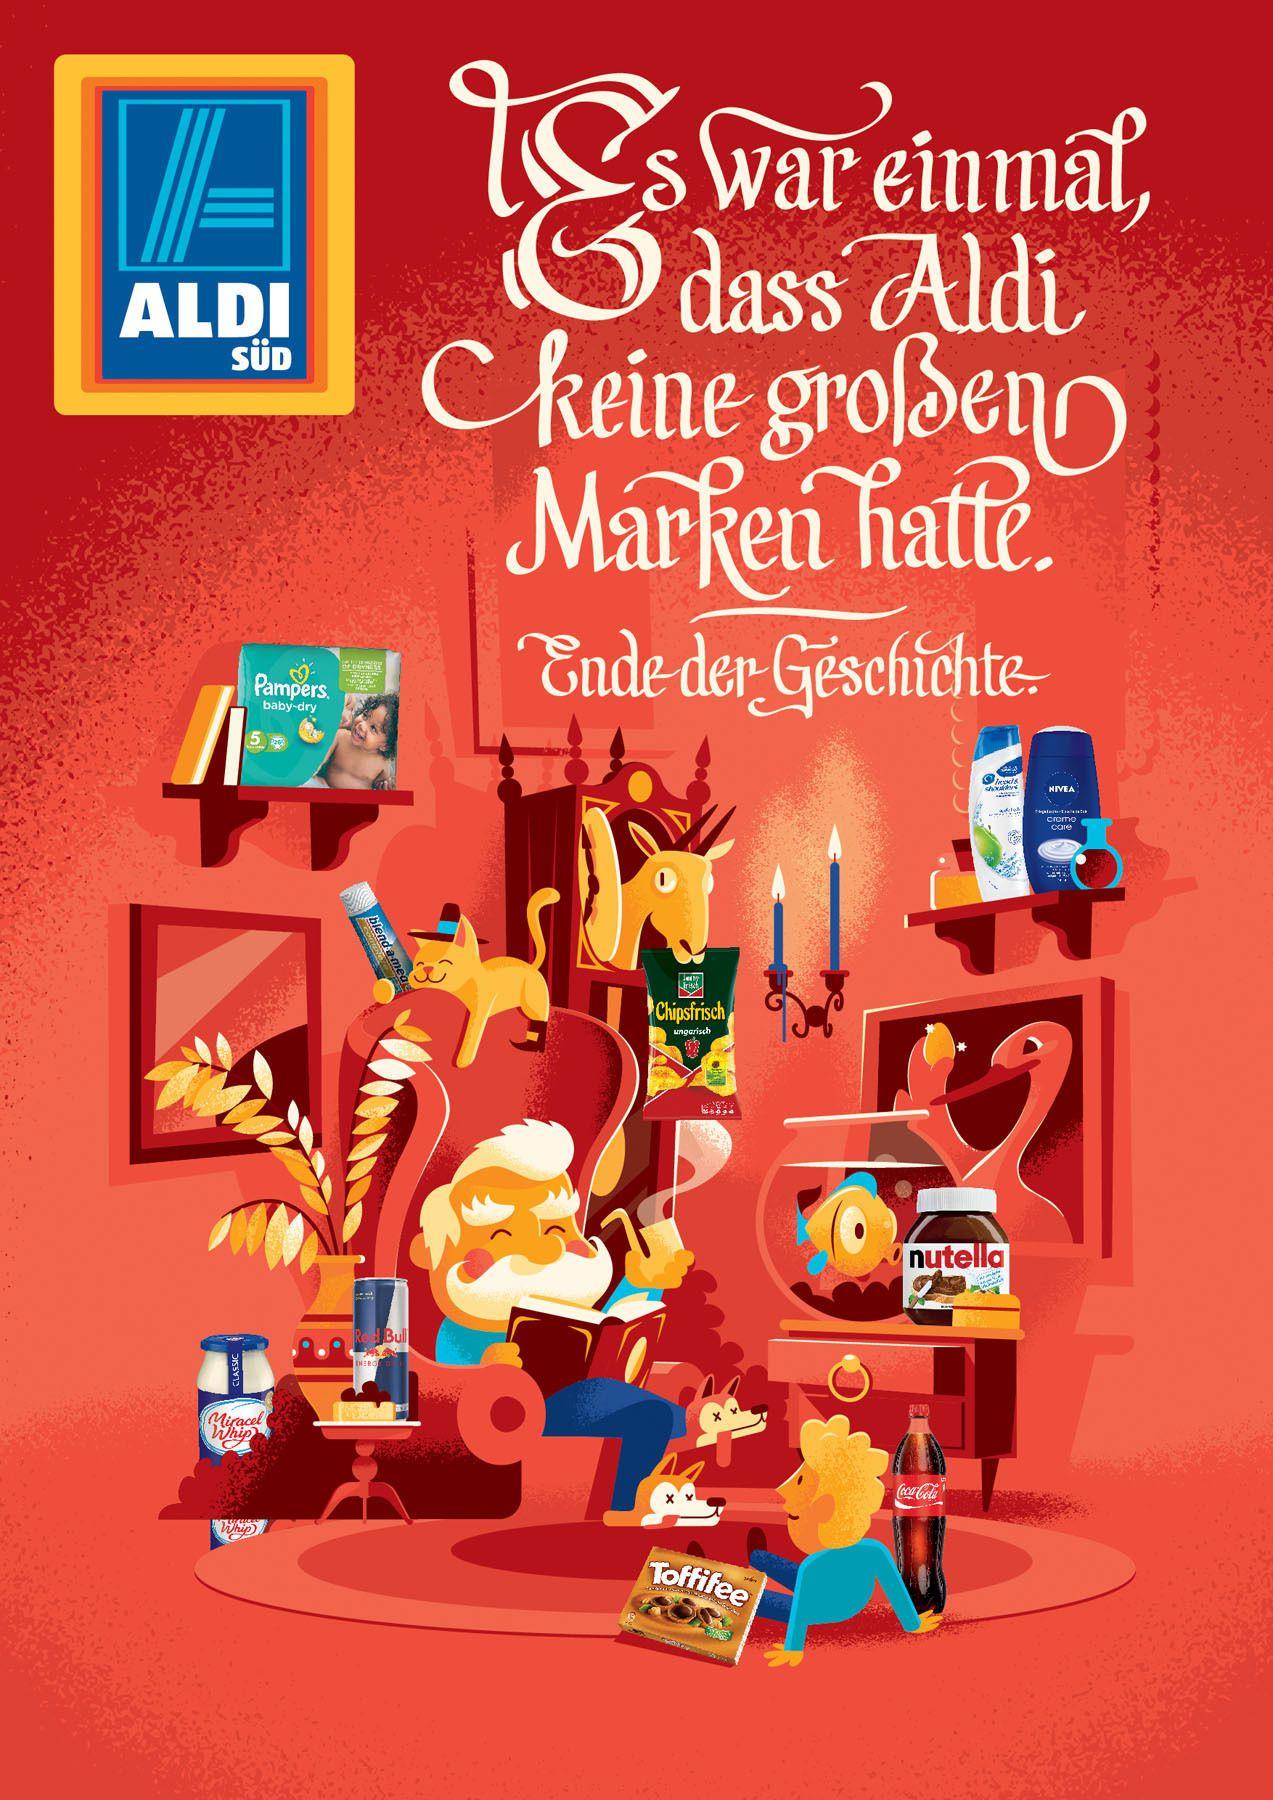 Revolution Illustrierte Werbekampagne Von Aldi Sud Aldi Aldi Werbung Werbekampagne